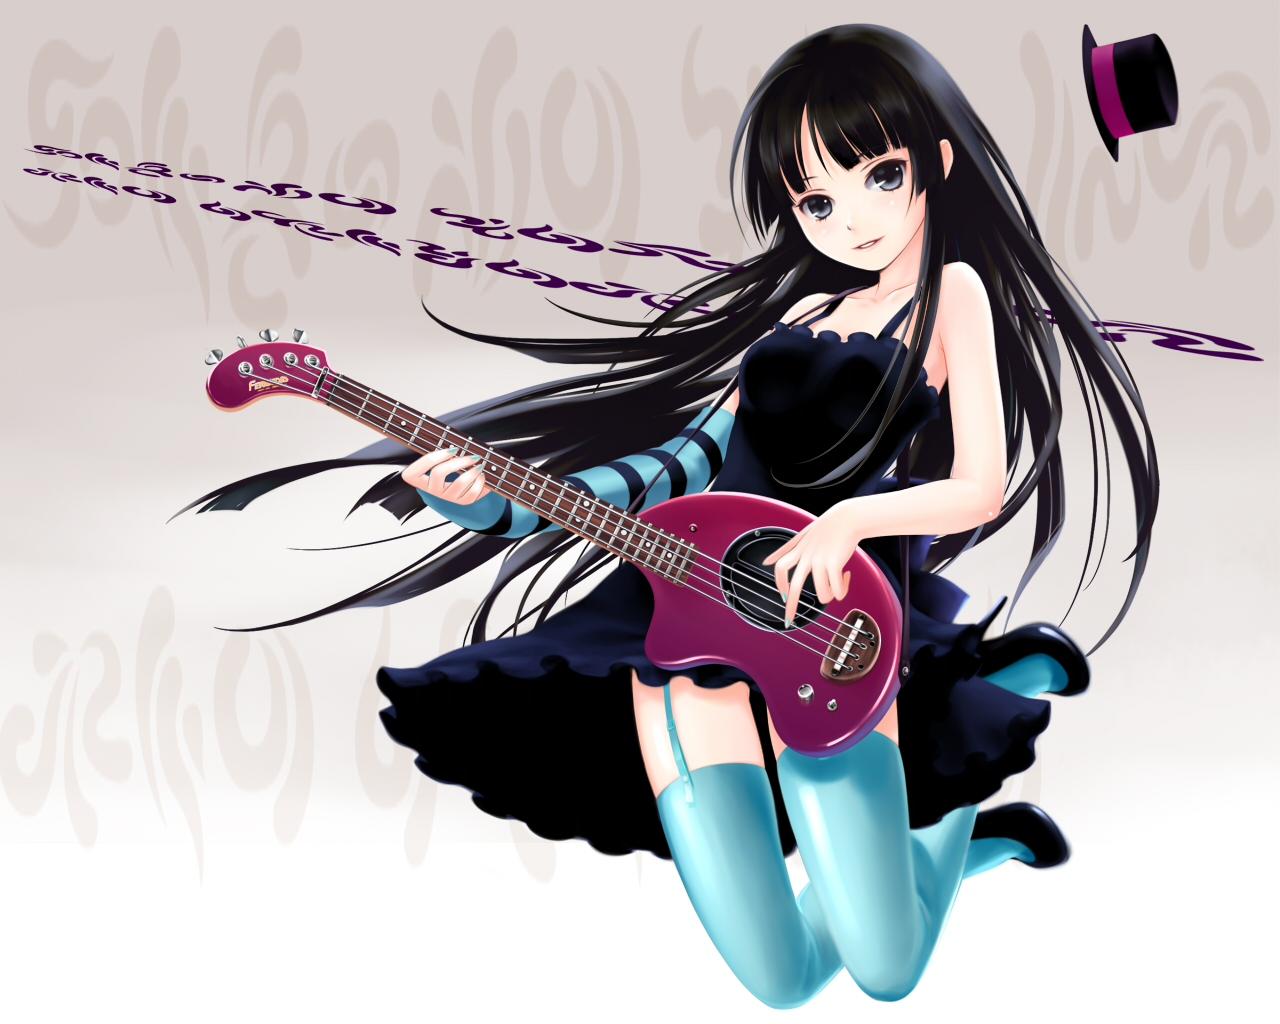 Anime Girl Bass Guitar - Anime Girl Playing Guitar - 10x10